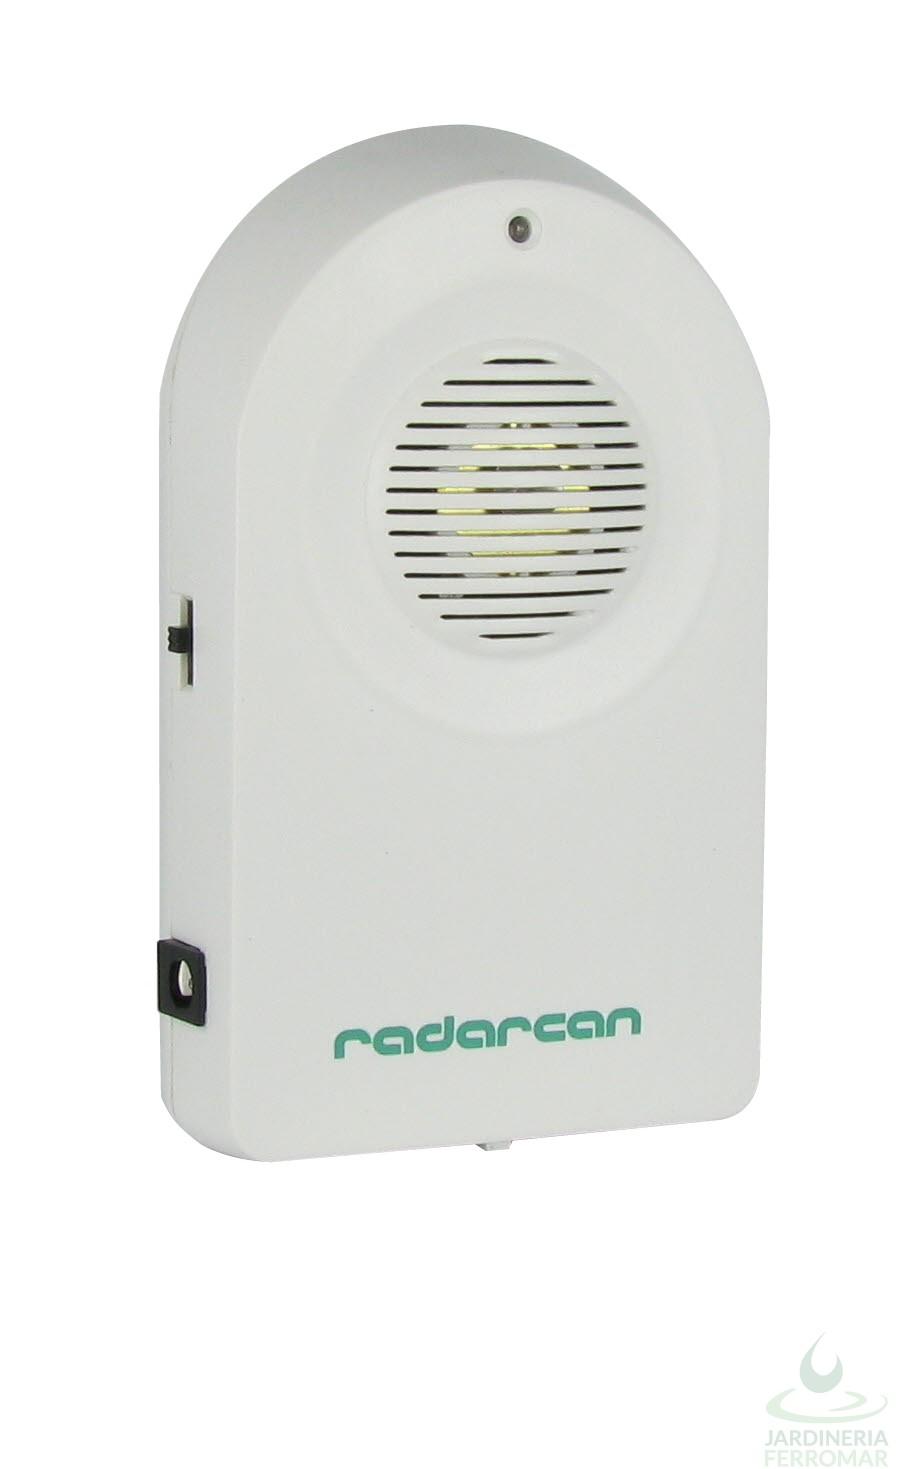 Radarcan Ahuyentador de Mosquitos Para Interiores Y Exteriores SC-27